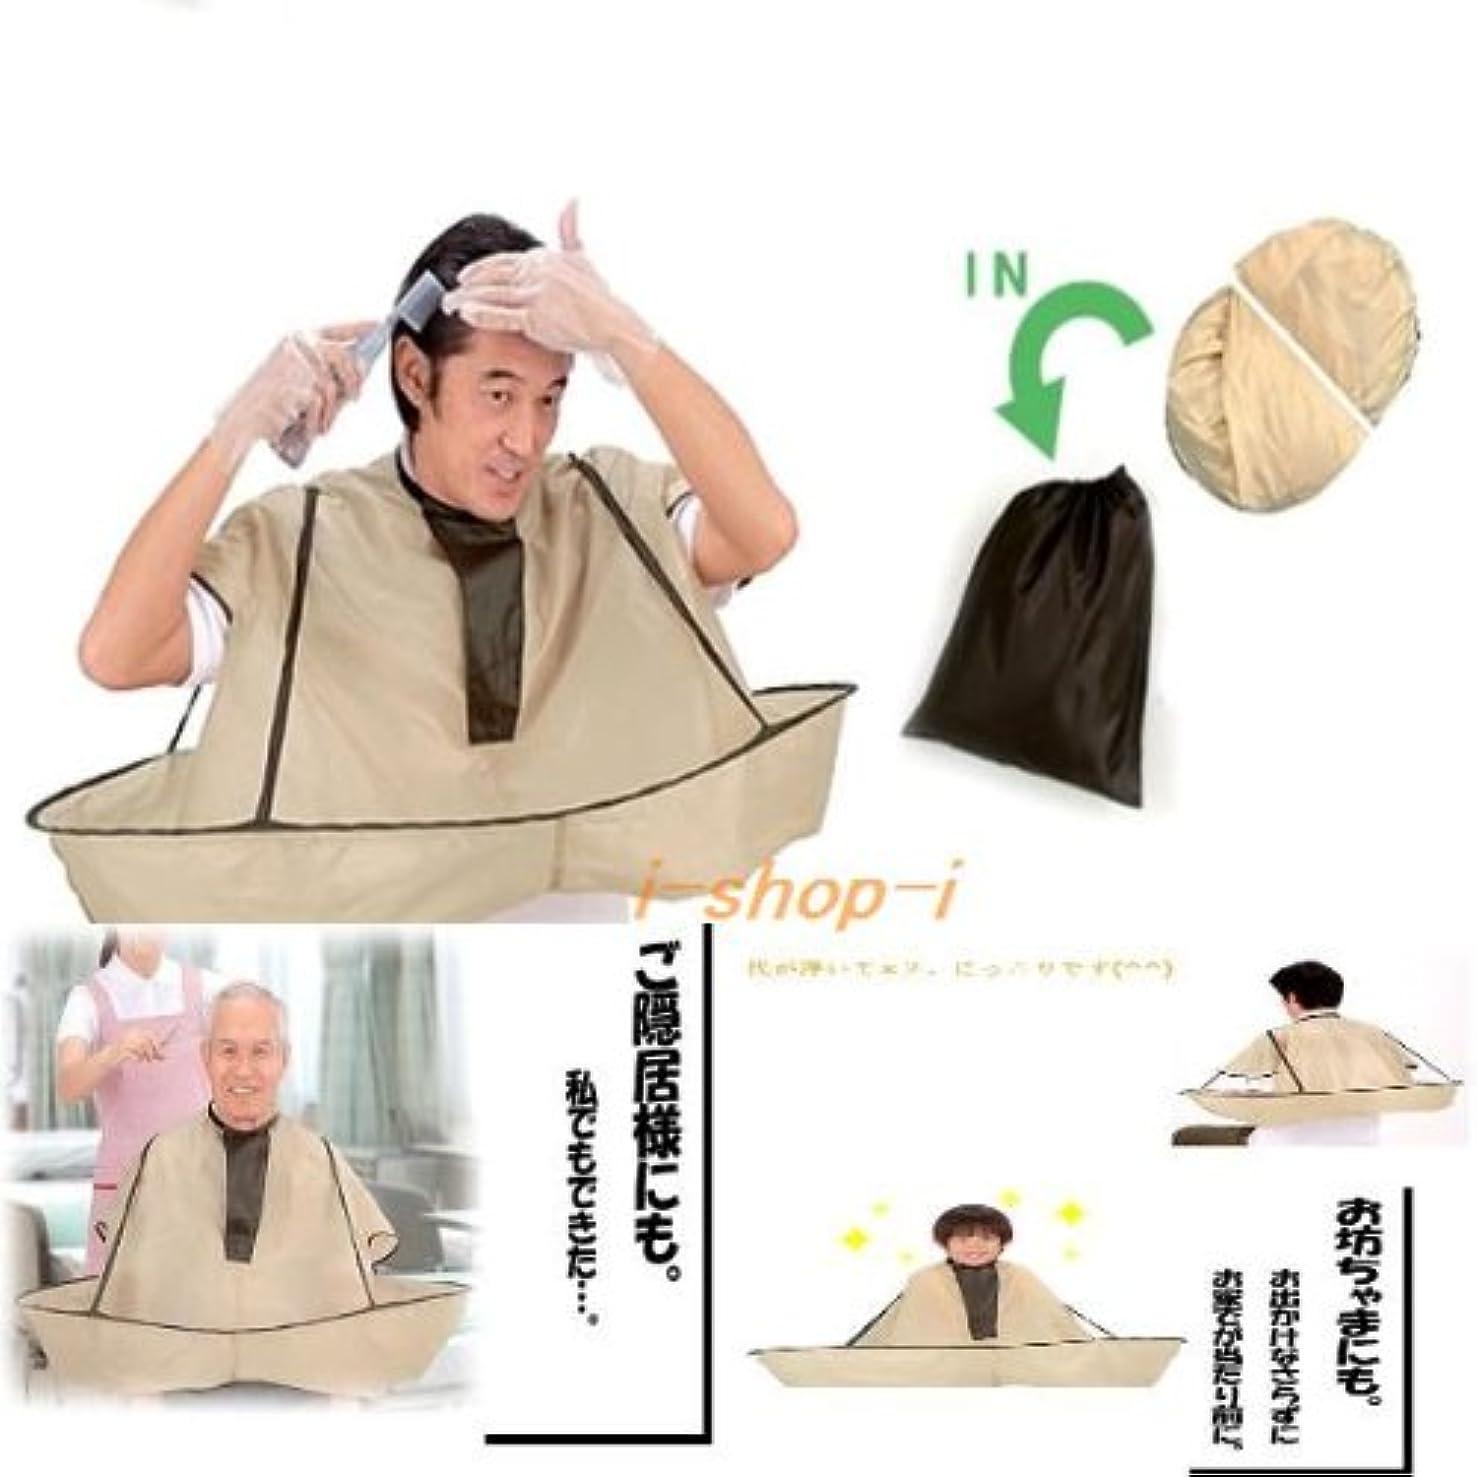 隠された物理入学する散髪 毛染め 家族で使える ジャンボ散髪マント ヘアカラー 毛染めケープ カット セルフ